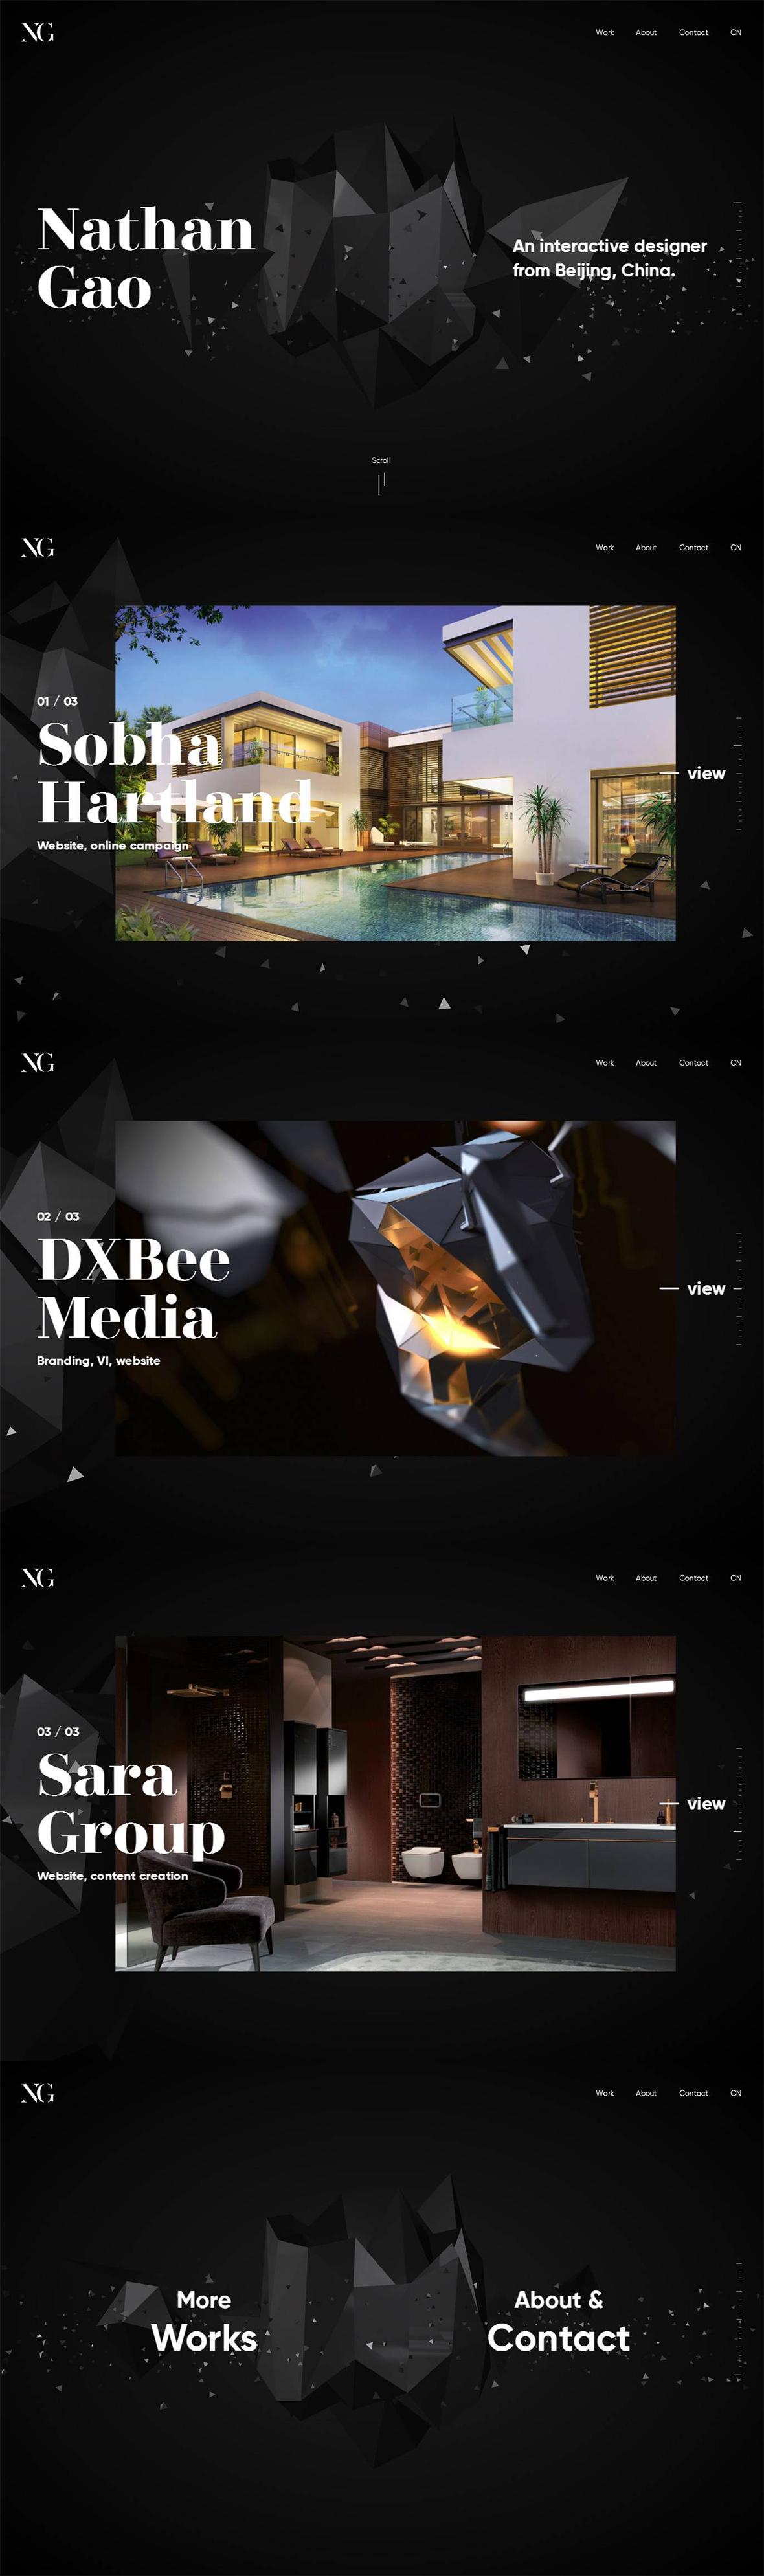 nathangao个人网站-创意,网页设计,创意设计,创意网站,网站设计,创意作品,设计作品,网站欣赏,优,ui设计,设计,设计师,优秀设计